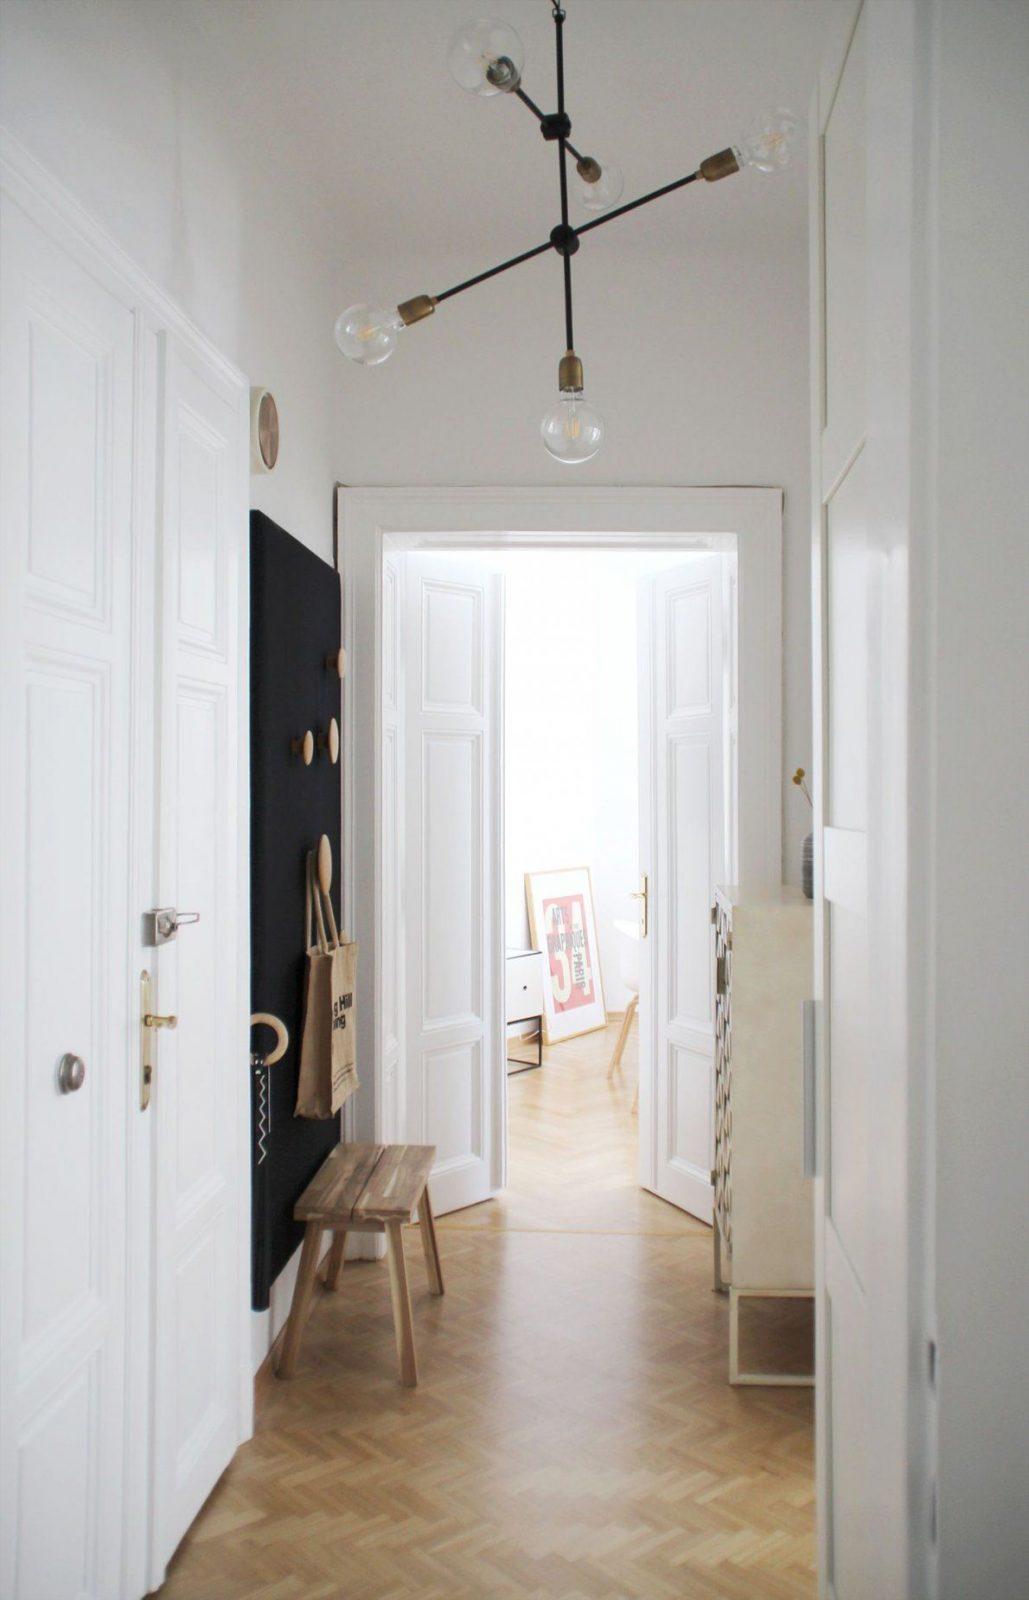 Ideen Für Schmalen Flur – Wohndesign von Ideen Für Schmalen Flur Photo